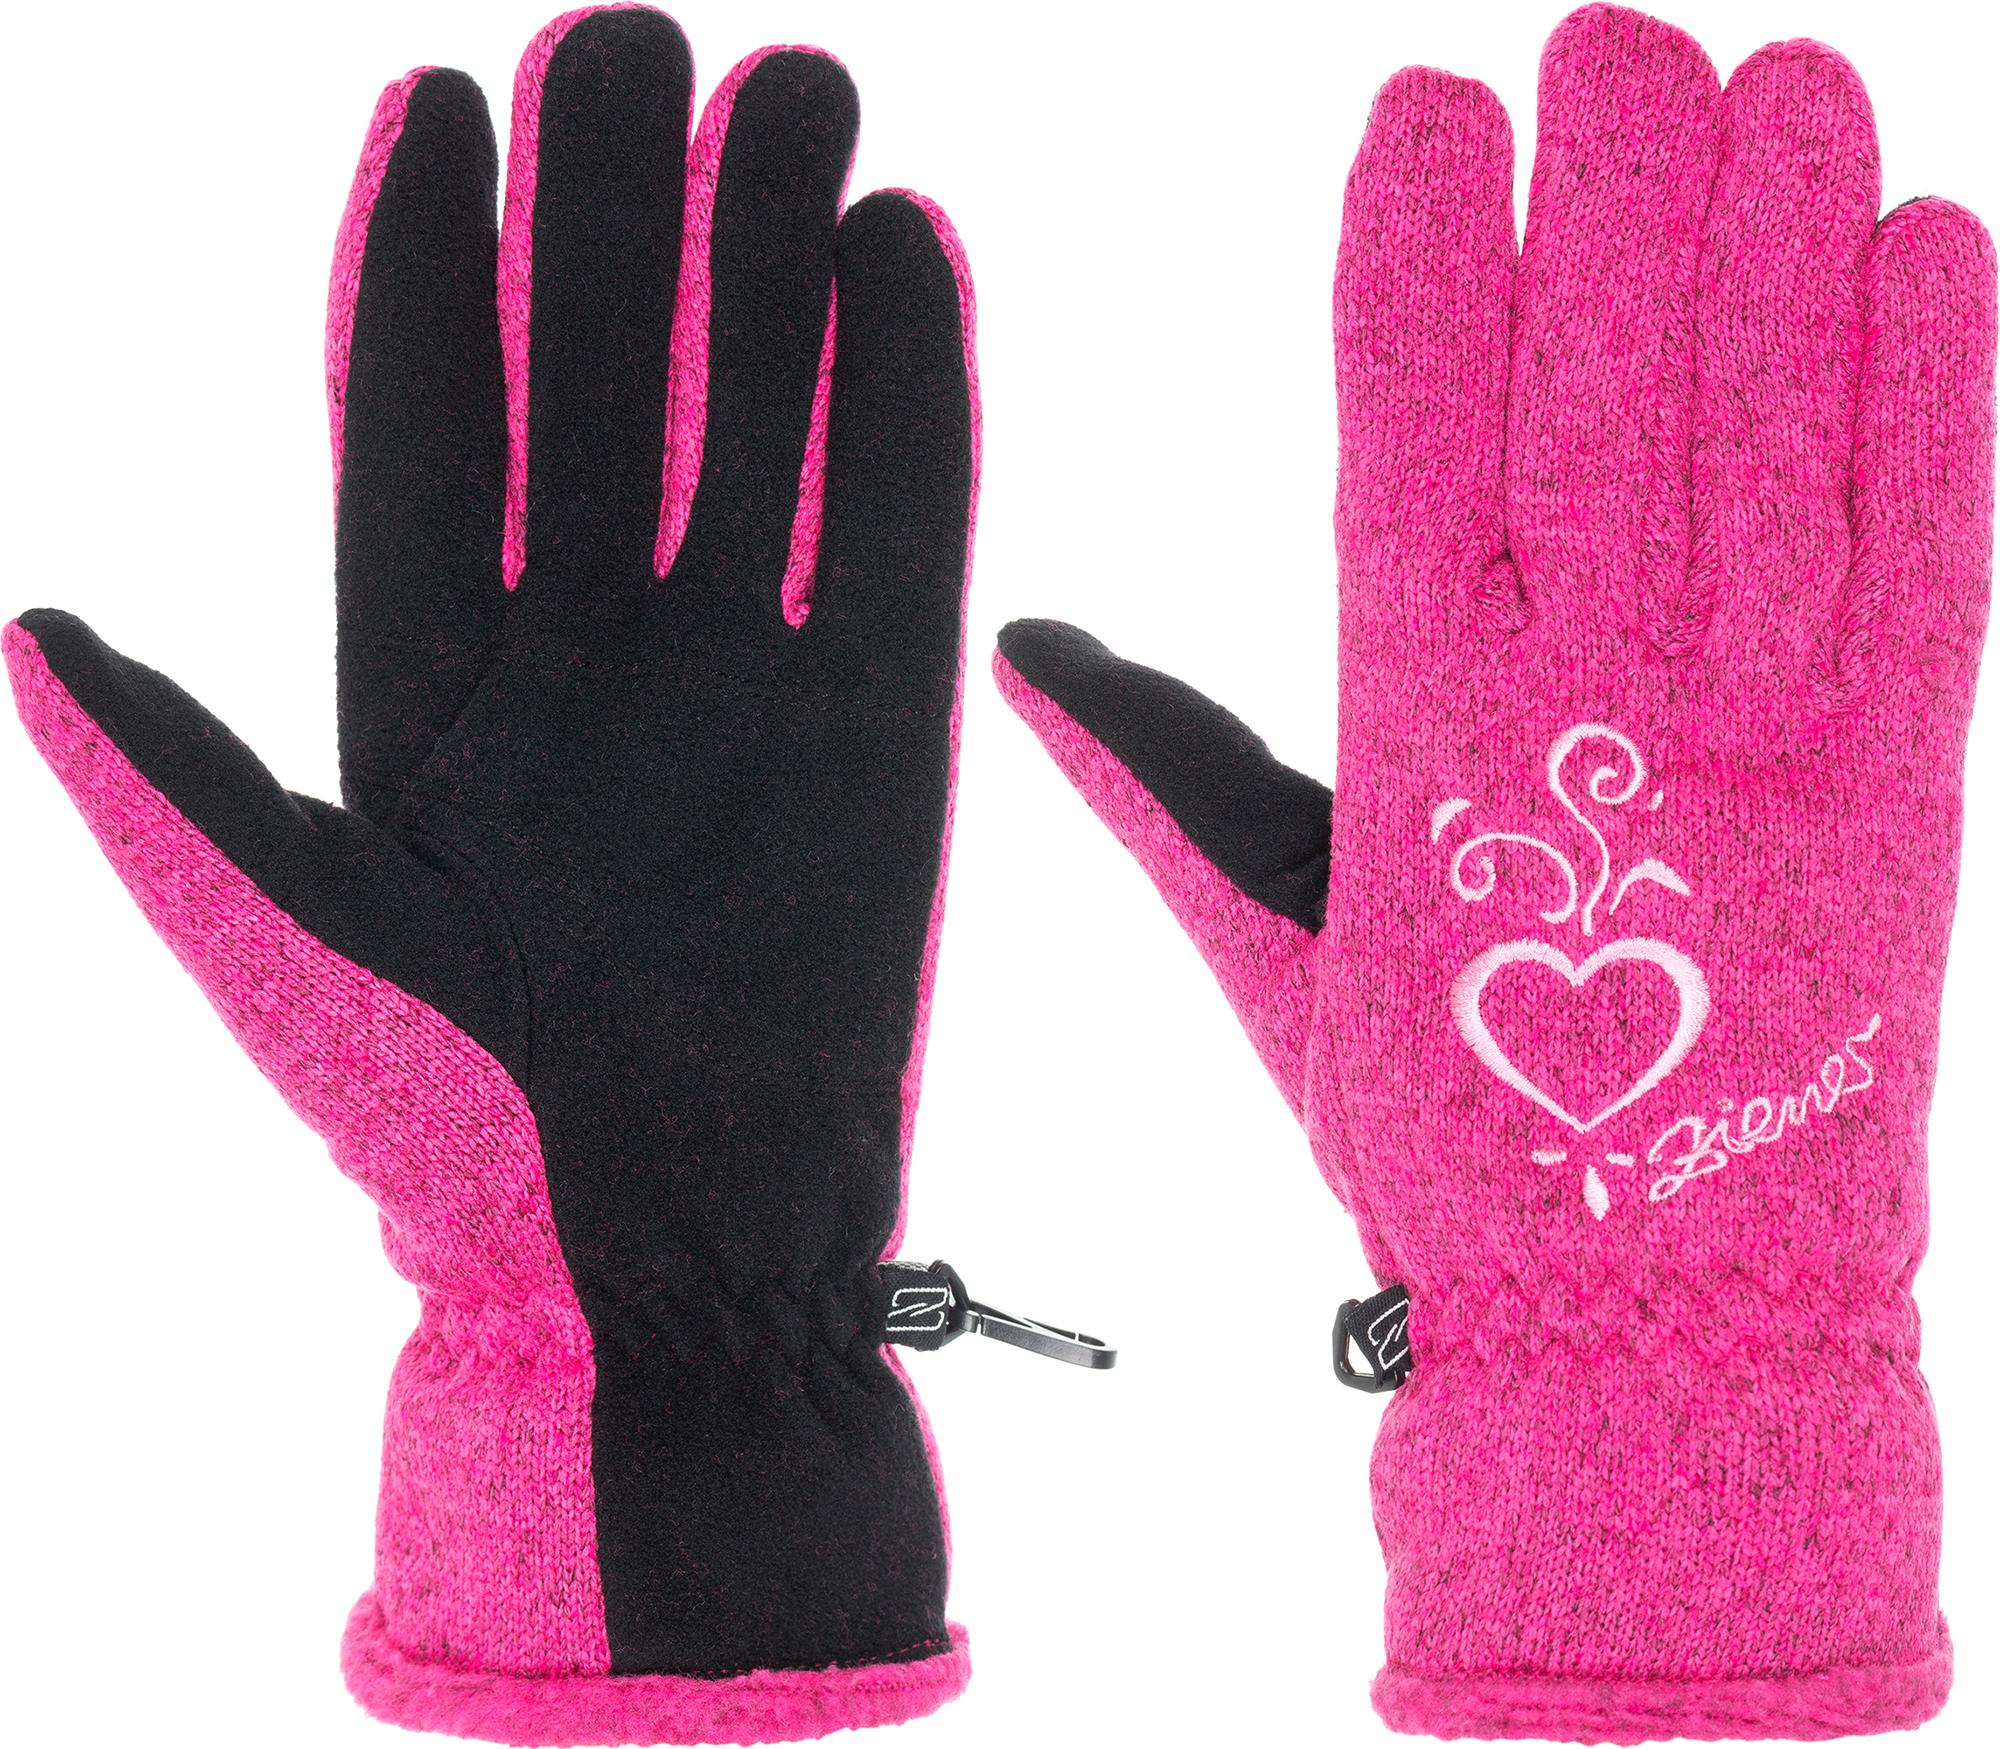 Ziener Перчатки Ziener Imariana ziener перчатки для мальчиков ziener liberty